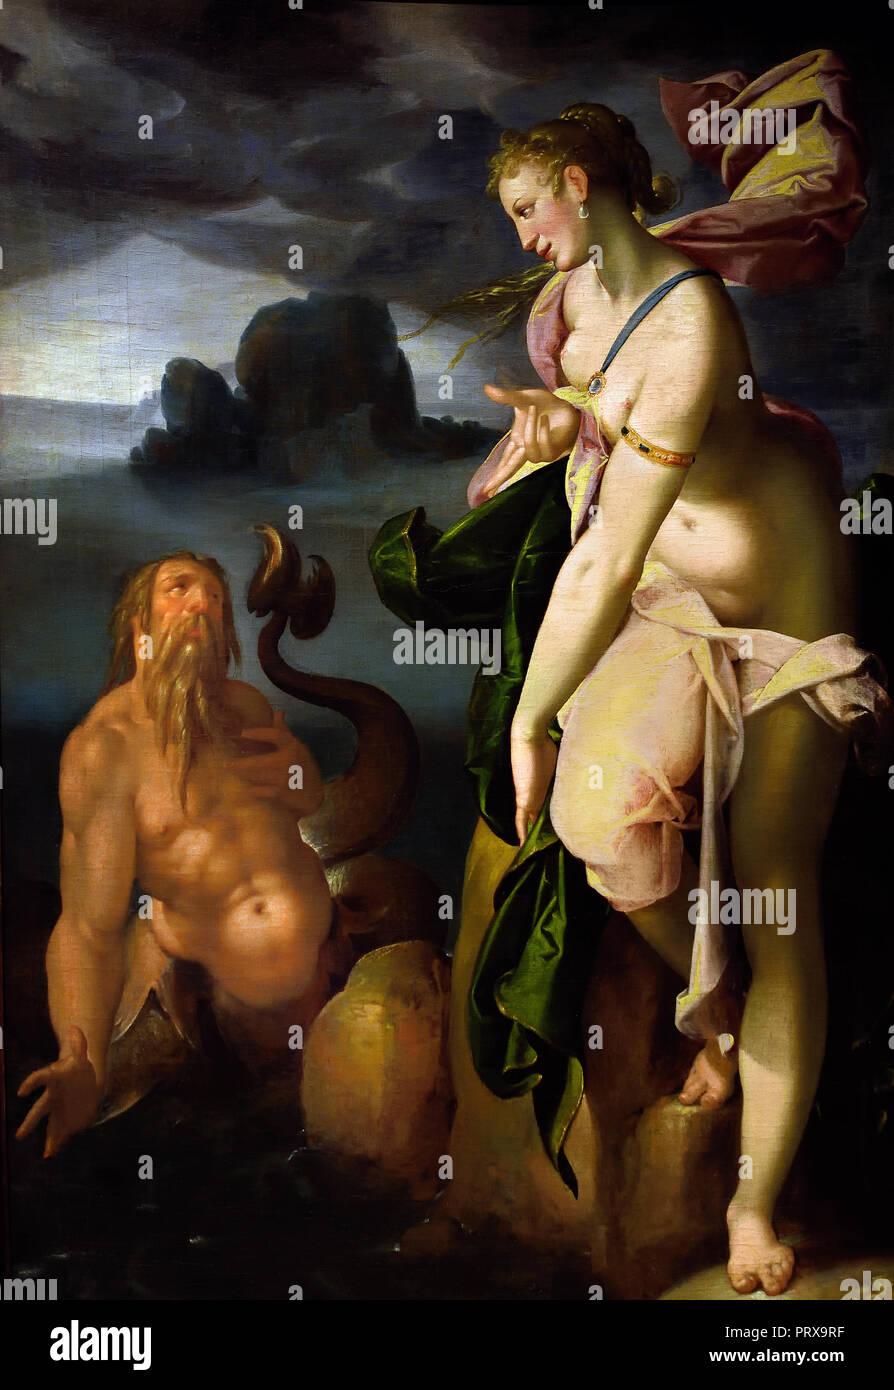 Glaucus and Scylla  (Glaucus, a fisherman turned sea god, spots the beautiful nymph, Scylla,) 1580-1582   Bartholomeus Spranger 1546-1611 Flemish Belgian Belgium  Greek, Roman, mythology, (myths often consist of sacred narratives about gods), - Stock Image